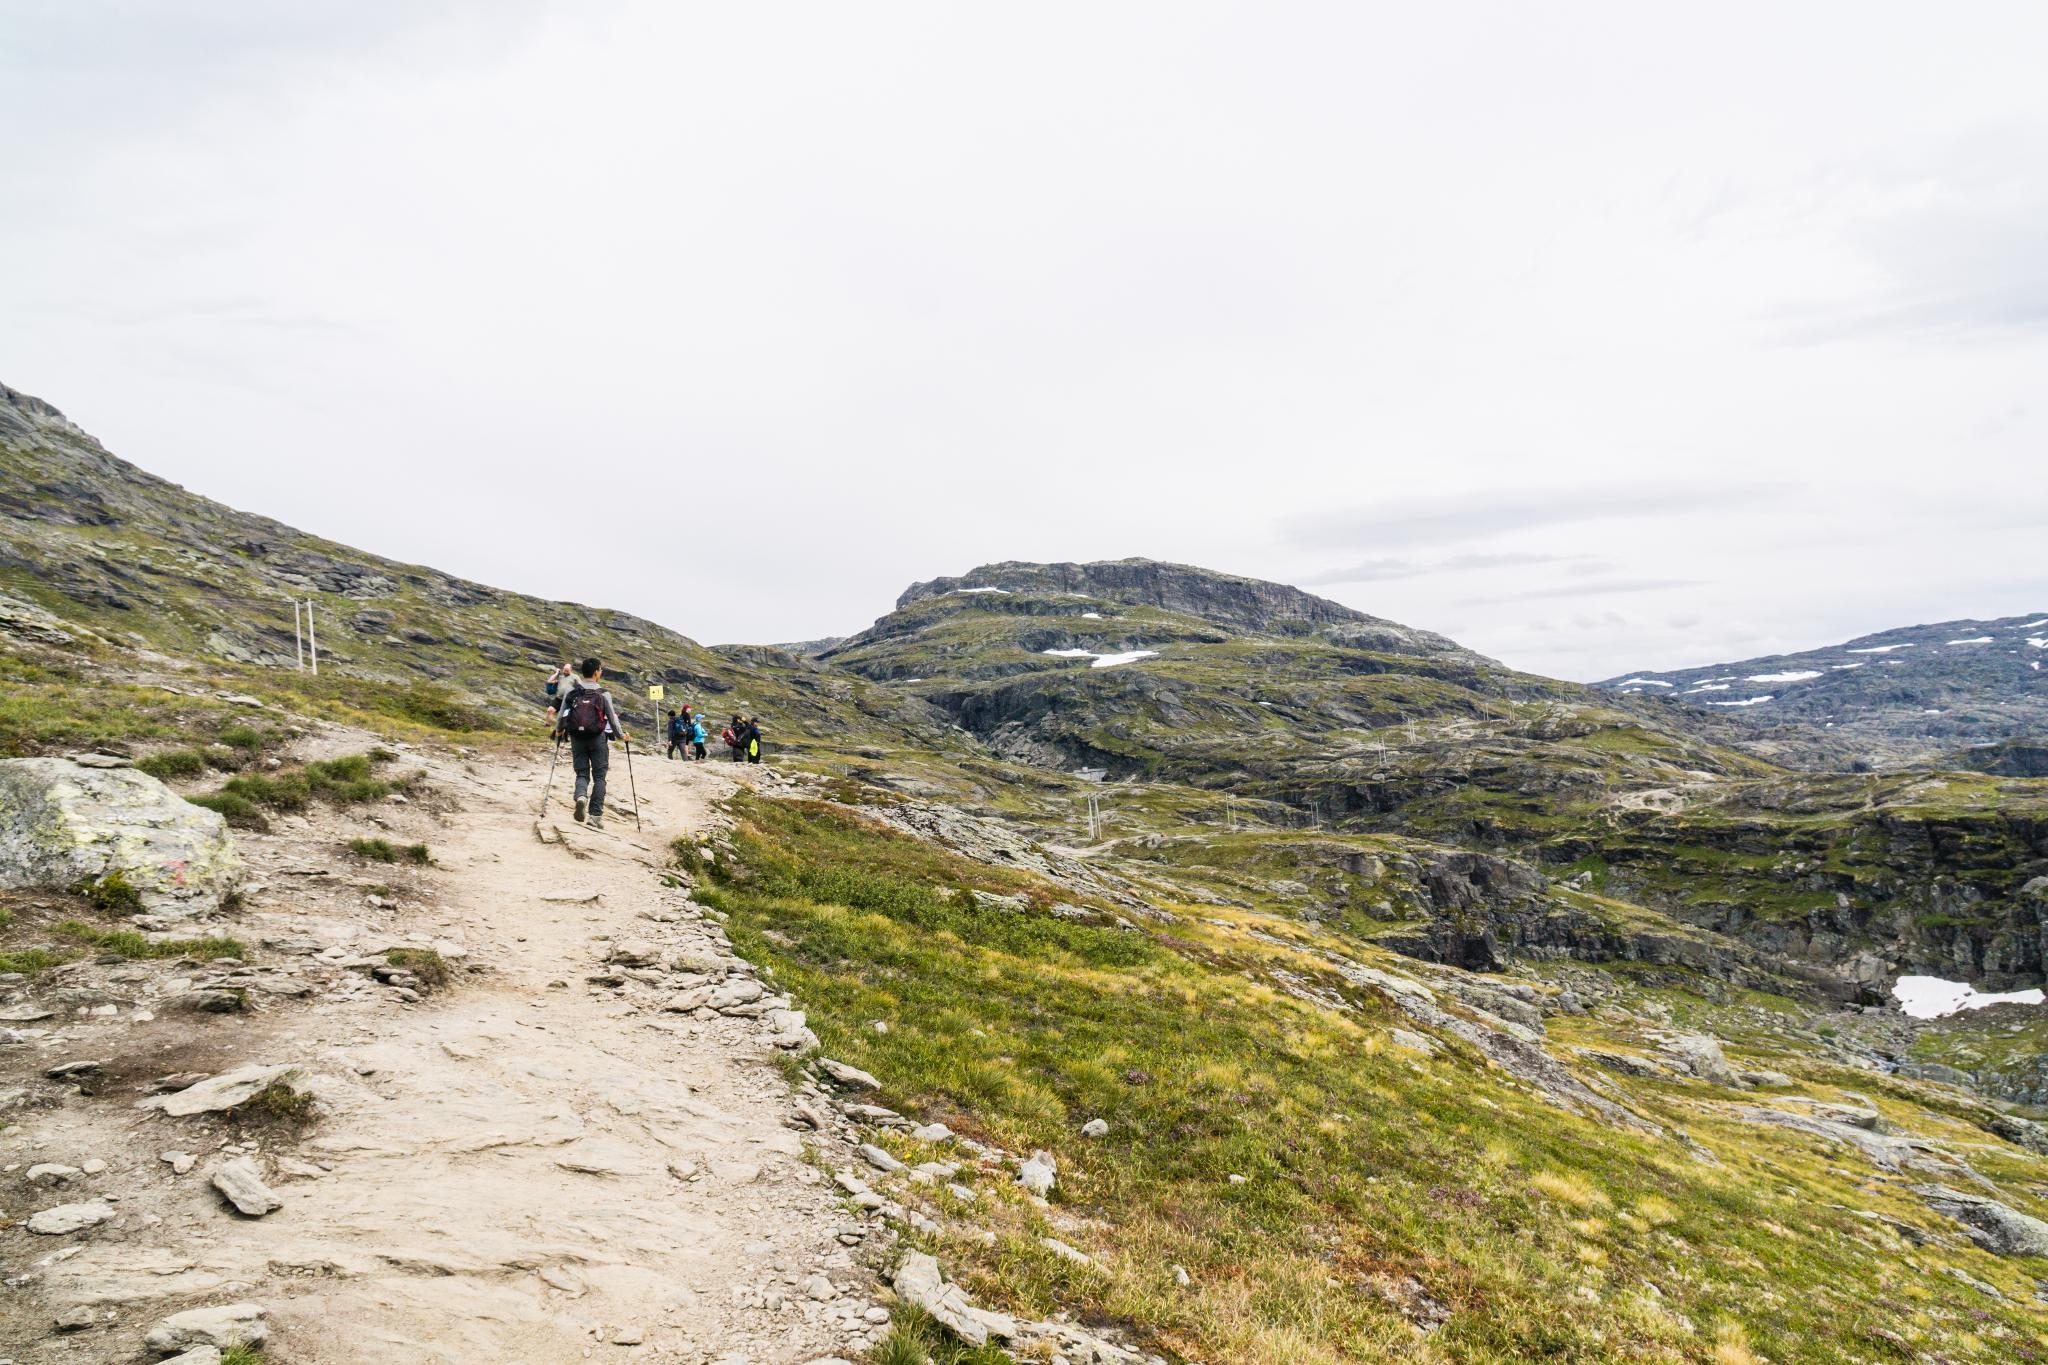 【北歐景點】挪威惡魔之舌 Trolltunga — 28公里健行挑戰全攻略 214